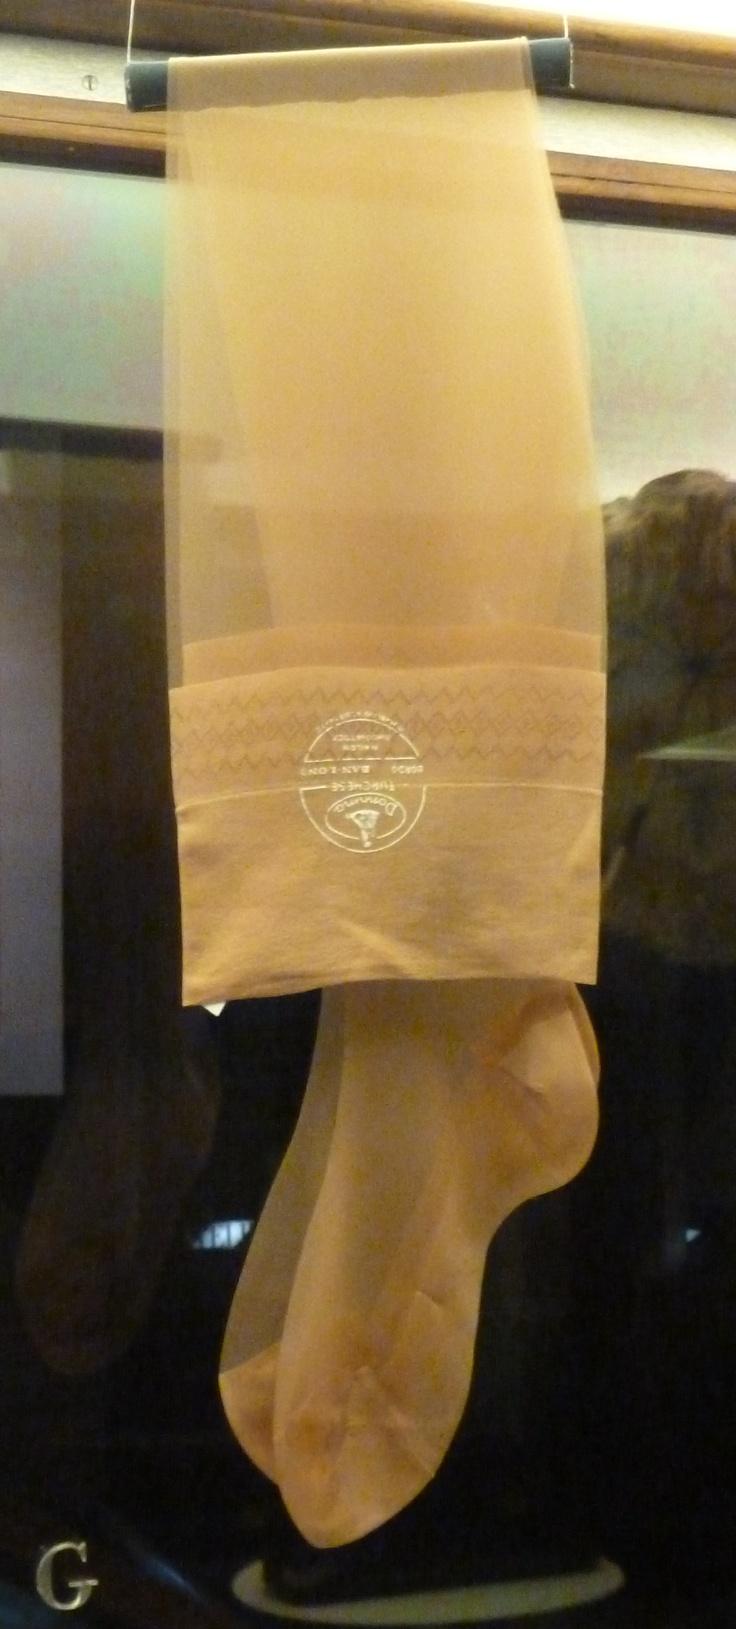 """N di NYLON  Calze femminili  Rhodiatoce, Piemonte, 1950-1960  Nailon Rhodiatoce  Collezione dell'Istituto Liceo Artistico Musicale """"Aldo Passoni"""", Torino  Il nylon fu brevettato nel 1935 negli Stati Uniti dalla Dupont e commercializzato dal 1938. Costituì una vera rivoluzione nella produzione tessile: prodotto di sintesi chimica, è estremamente sottile, leggero e resistente. In breve tempo sostituì la seta, molto costosa, per le calze femminili e si diffuse ampiamente nella lingerie."""